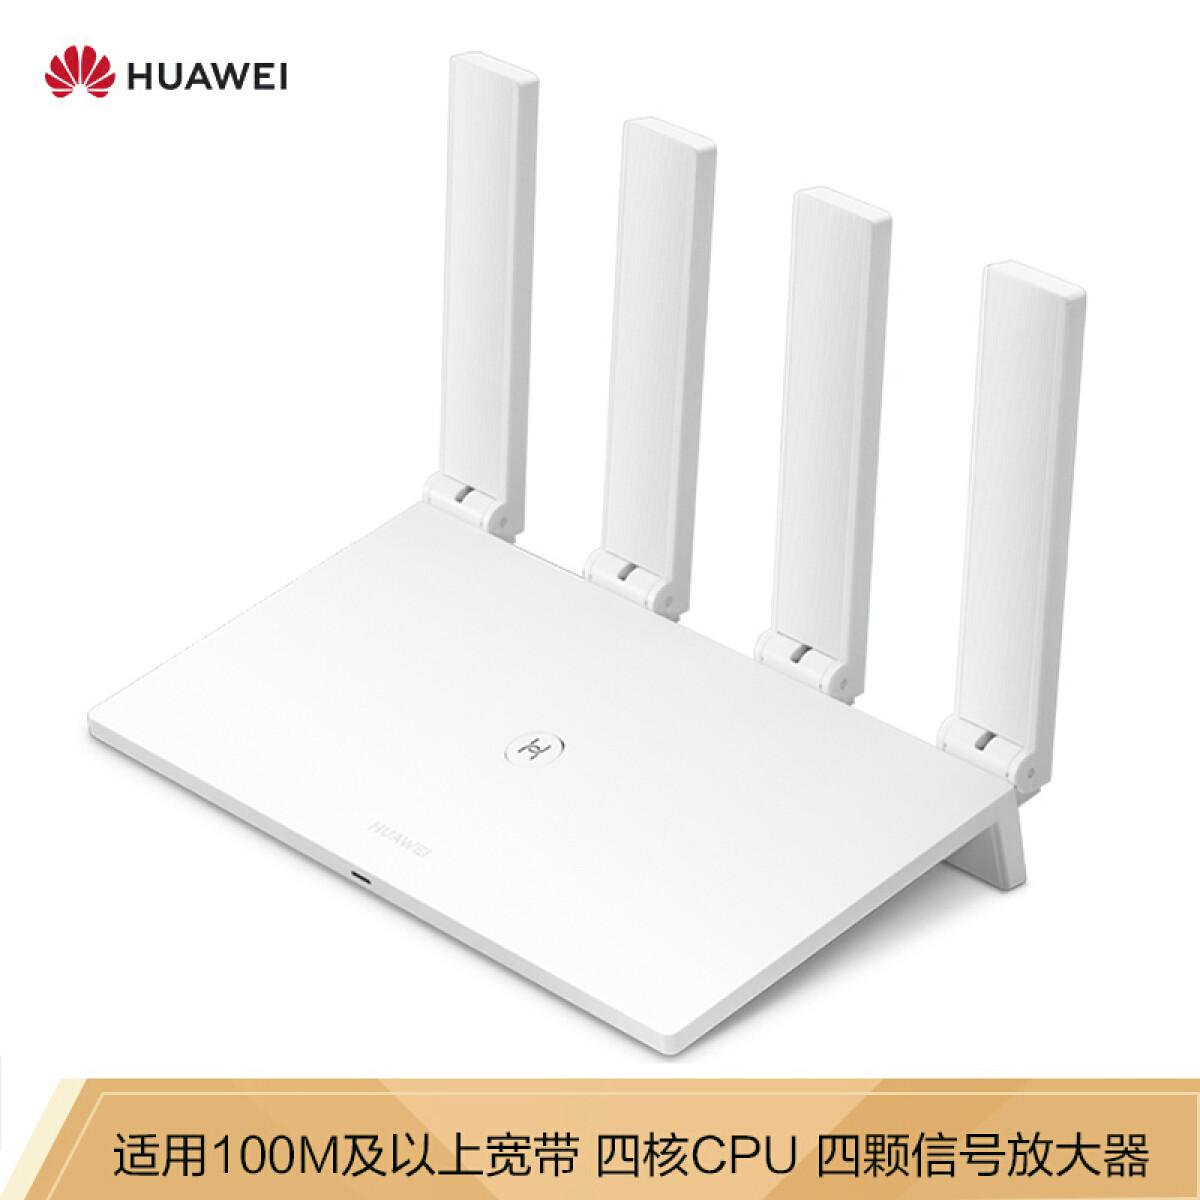 华为 WS5200四核版 5G双频千兆智能路由器无线家用穿墙高速路由